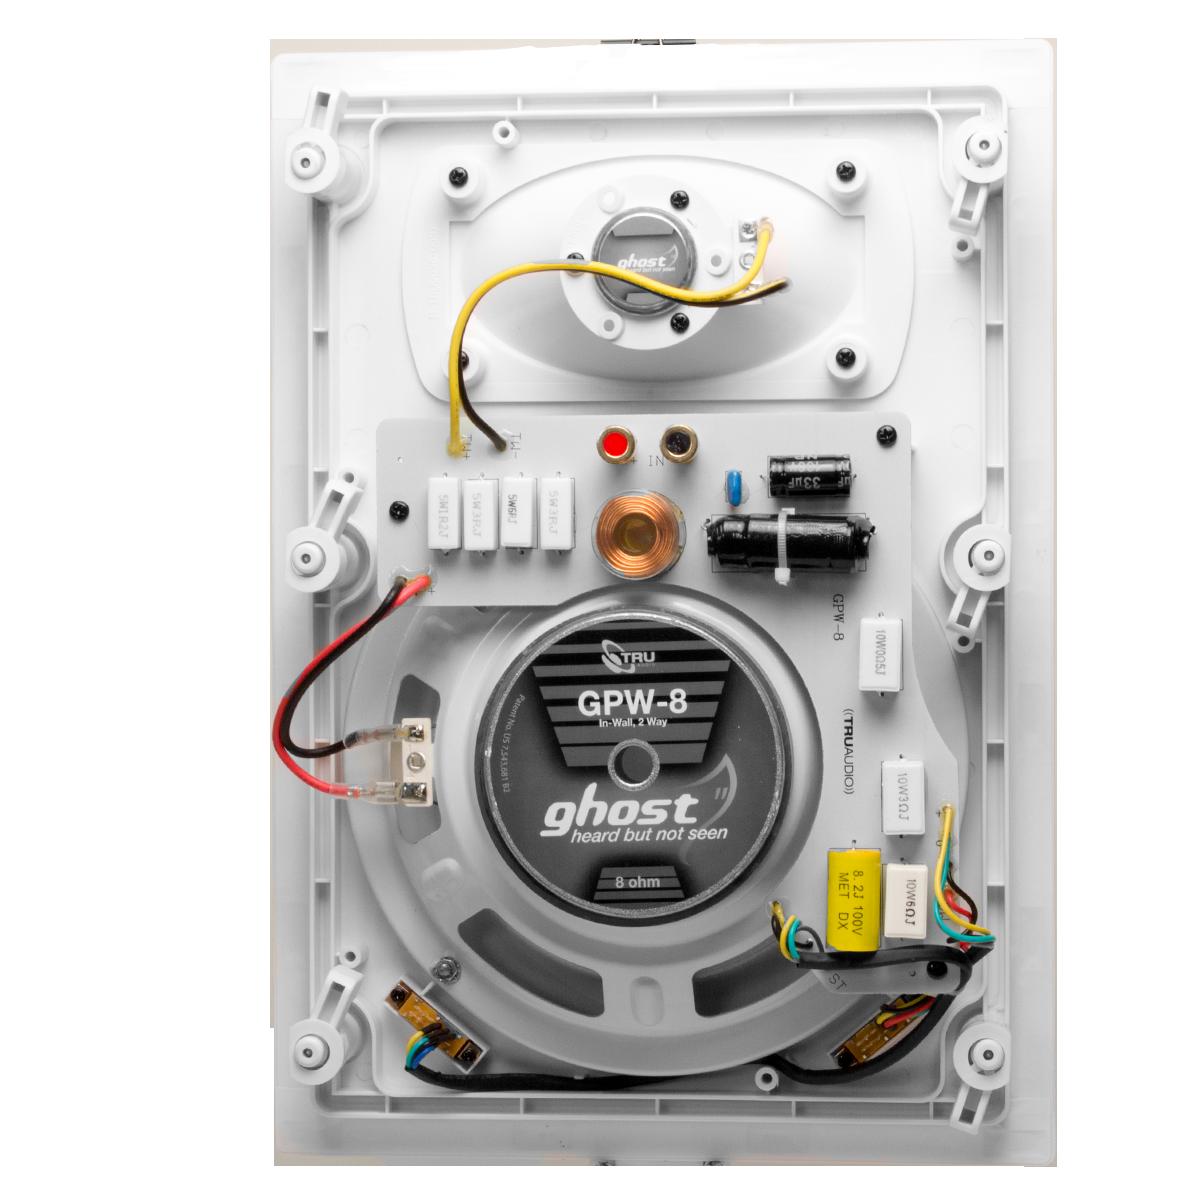 Gpw 8 In Wall Speaker Wiring Diagram